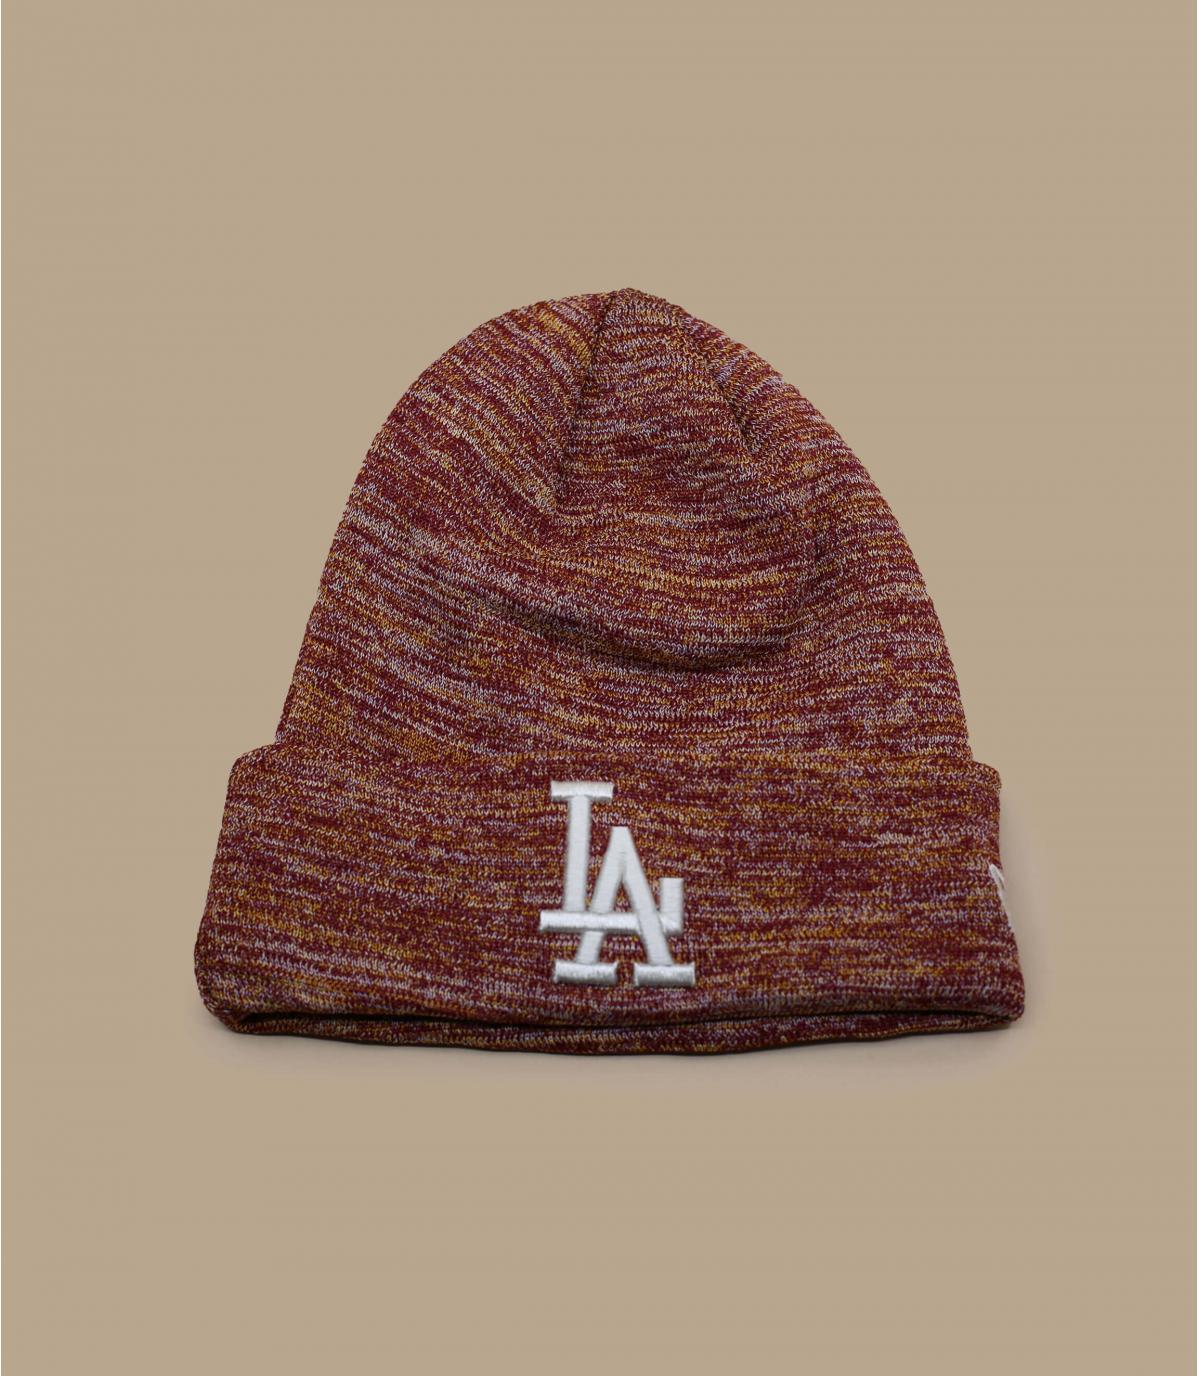 Mütze LA bordeaux